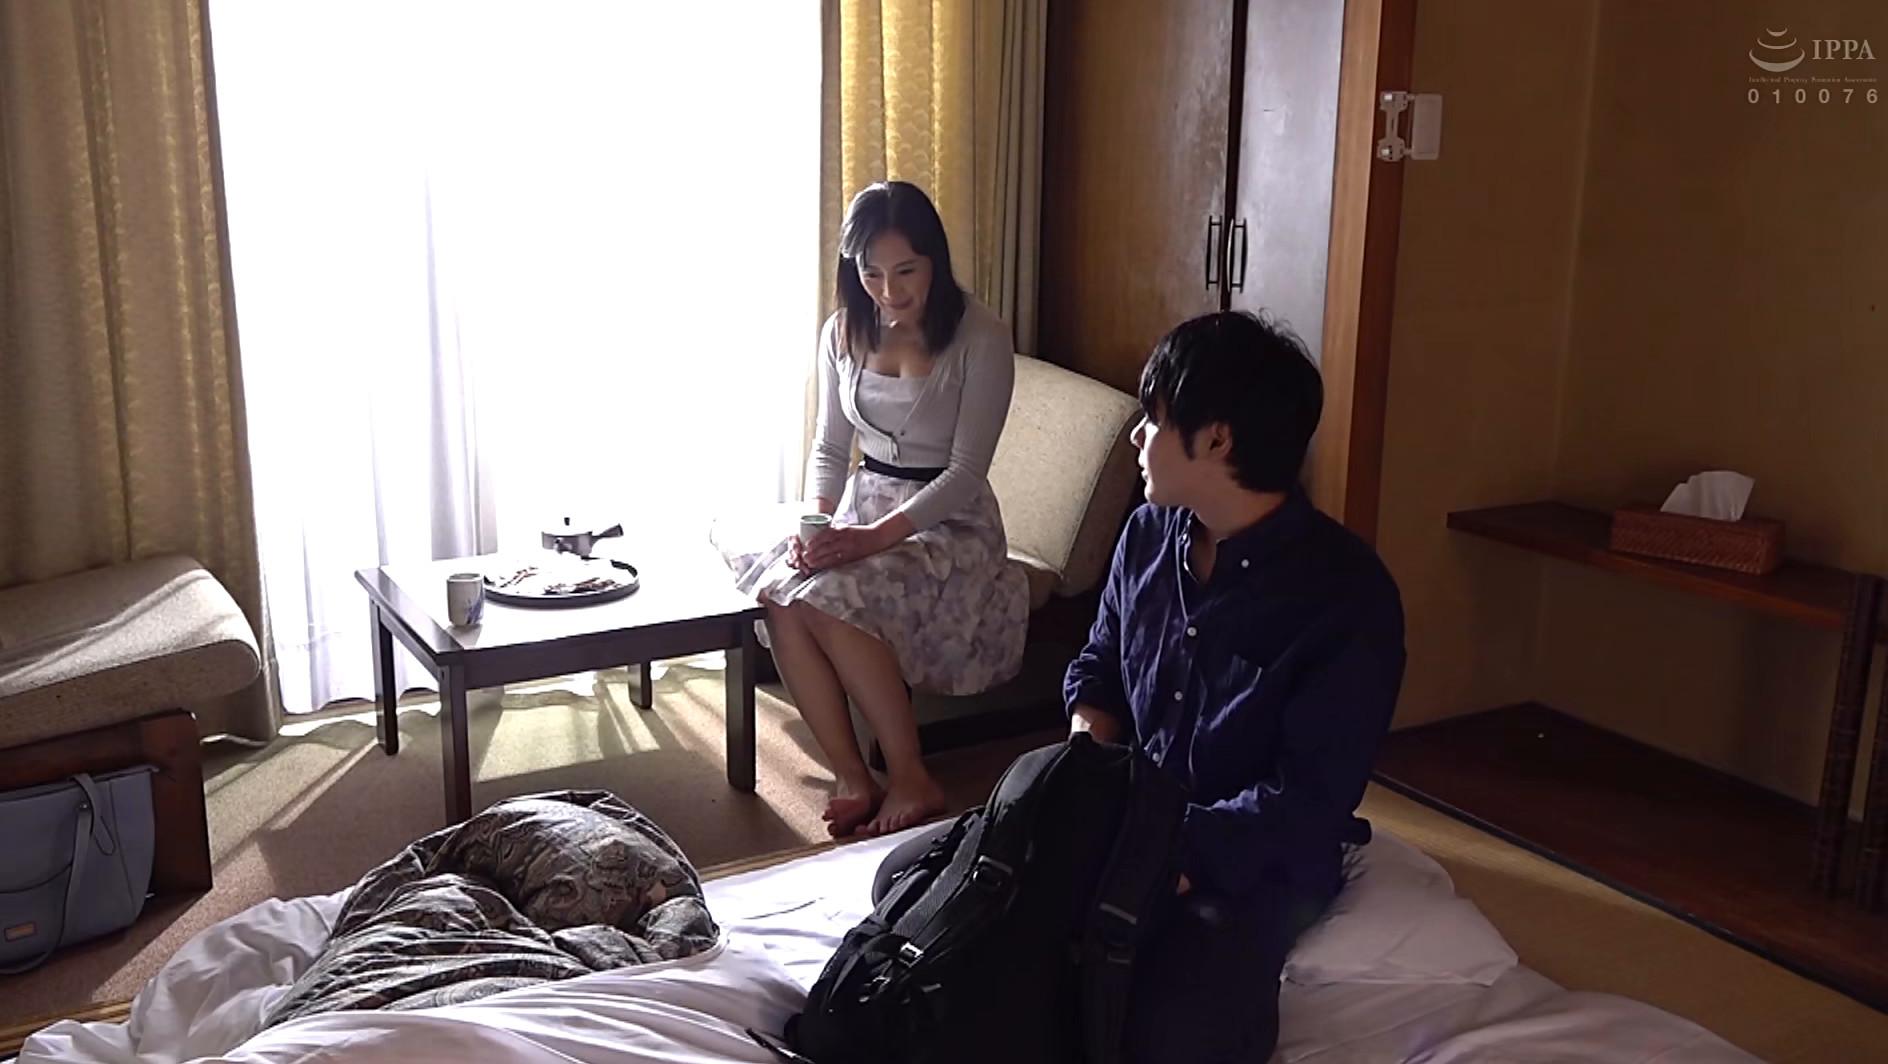 たびじ 母と子のふたり旅 平岡里枝子,のサンプル画像32